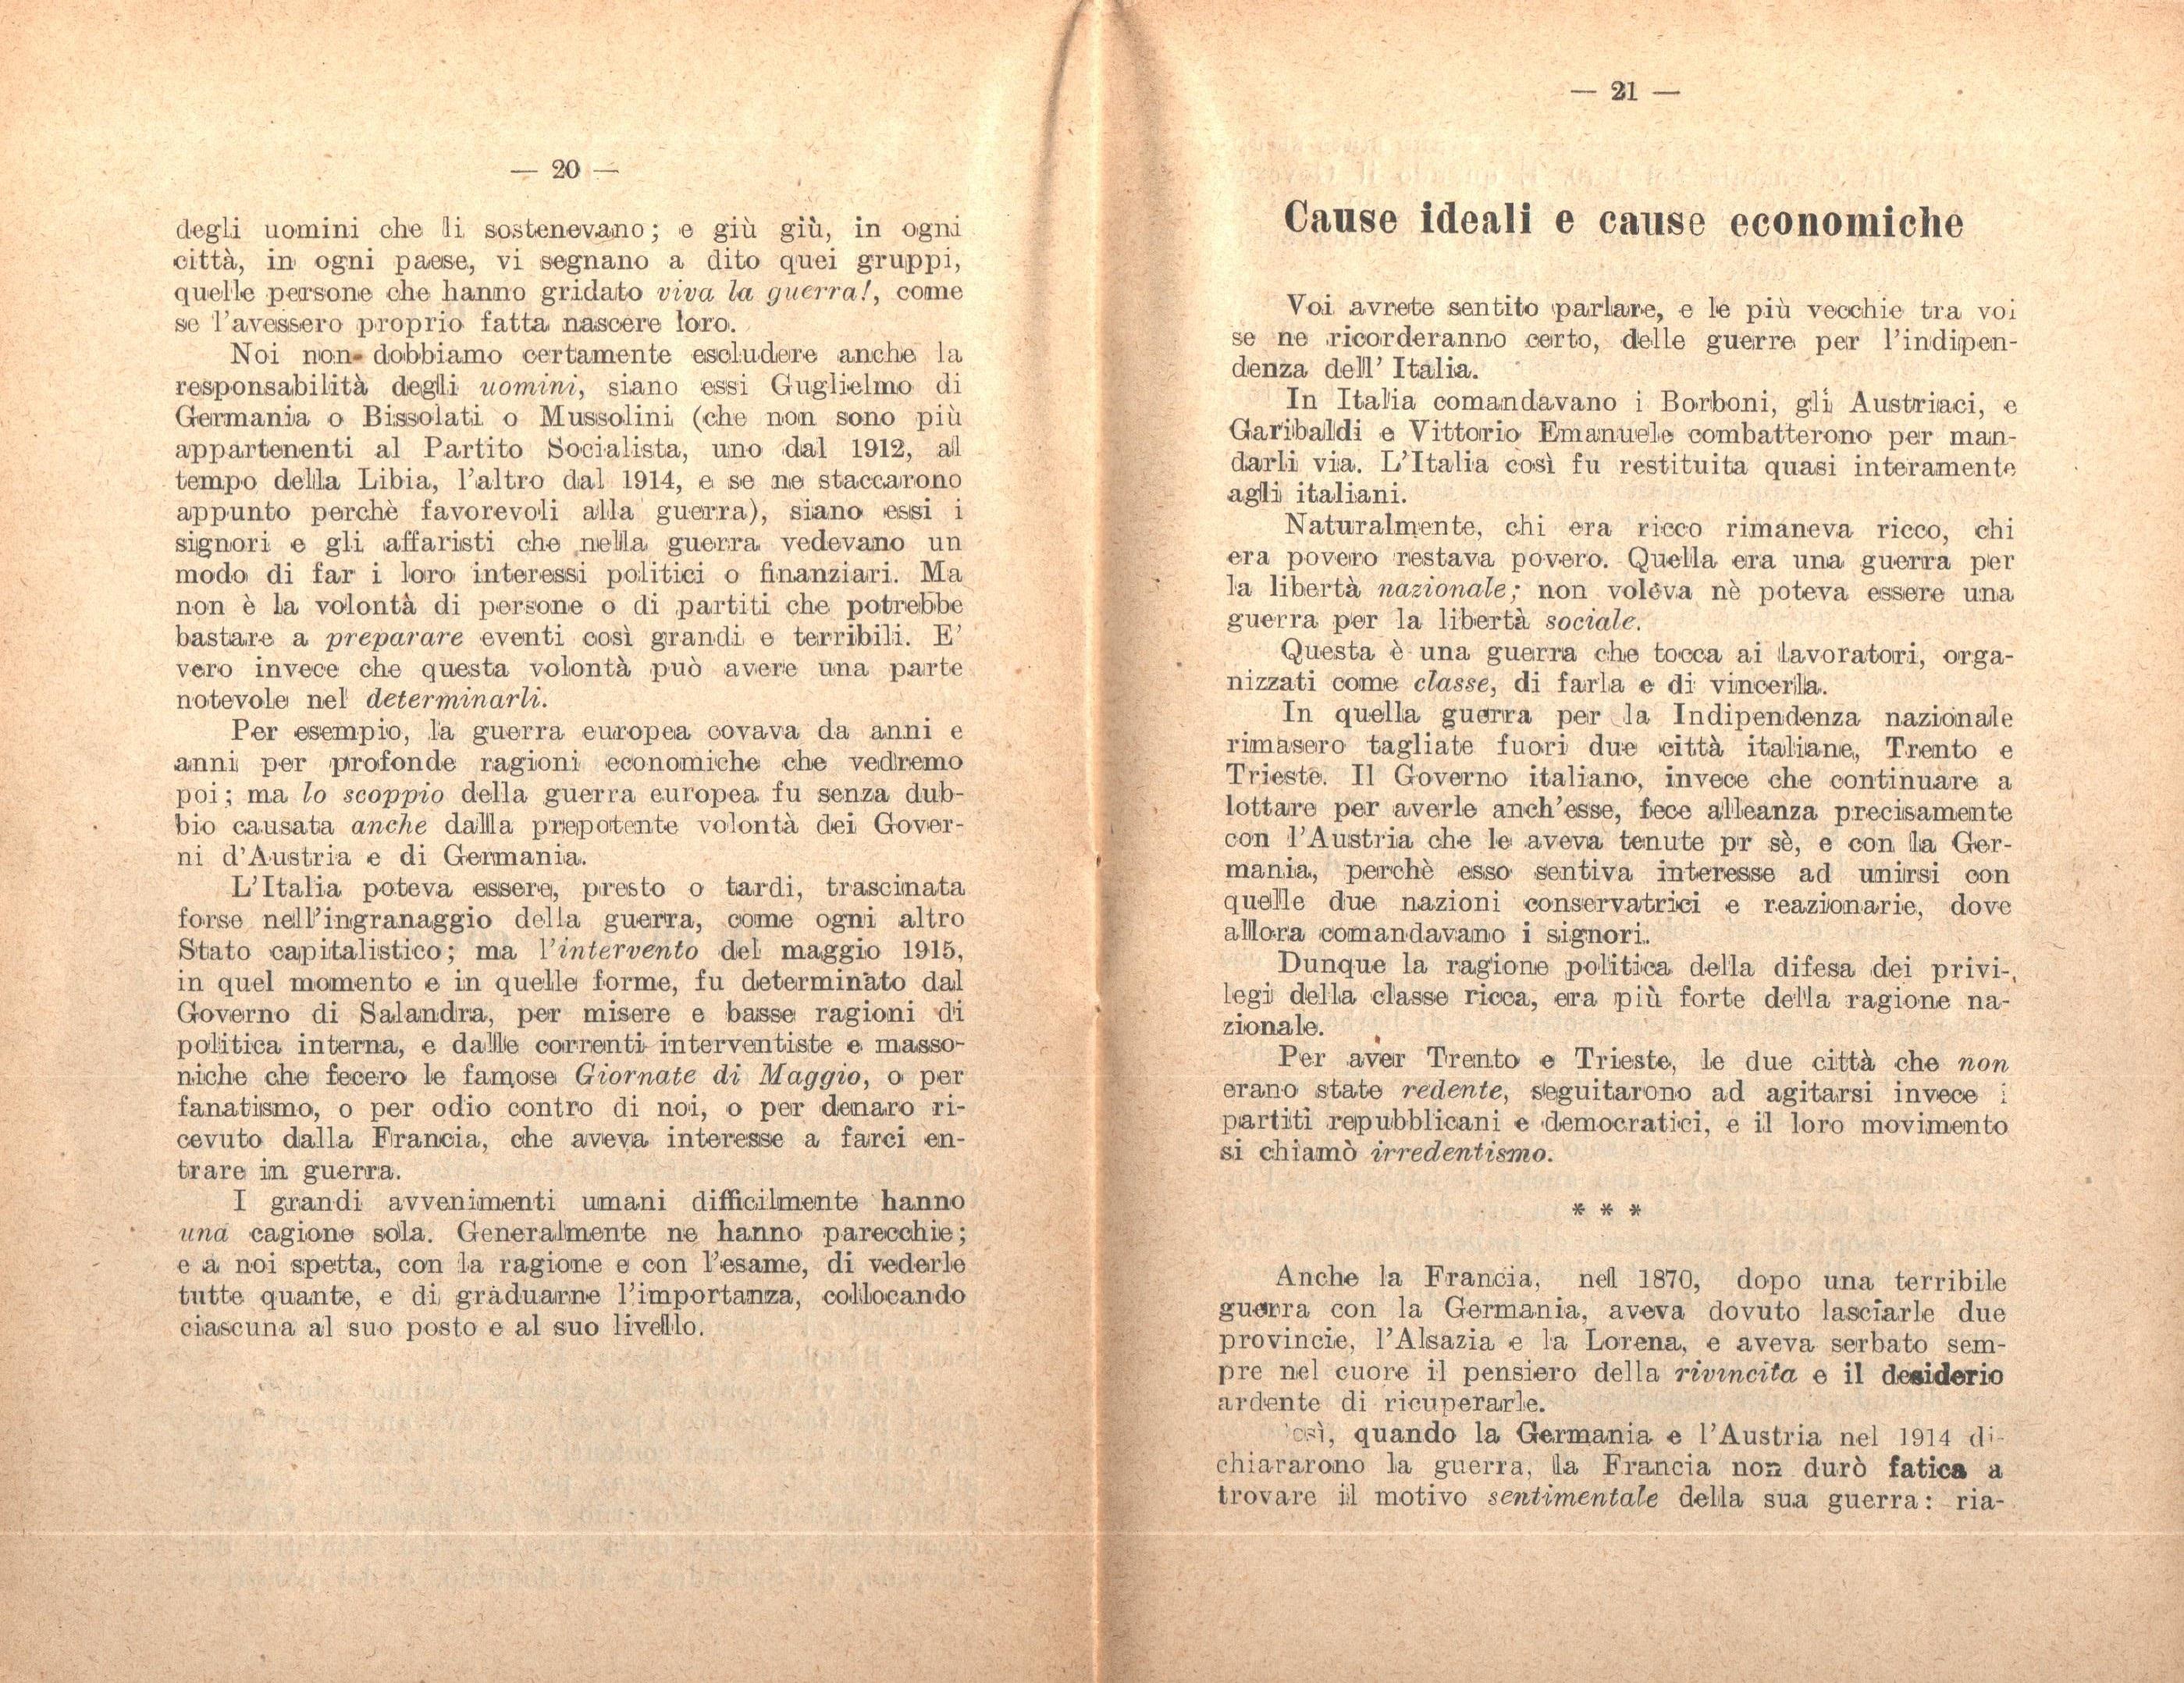 G. Zibordi, Alle donne - pag. 12